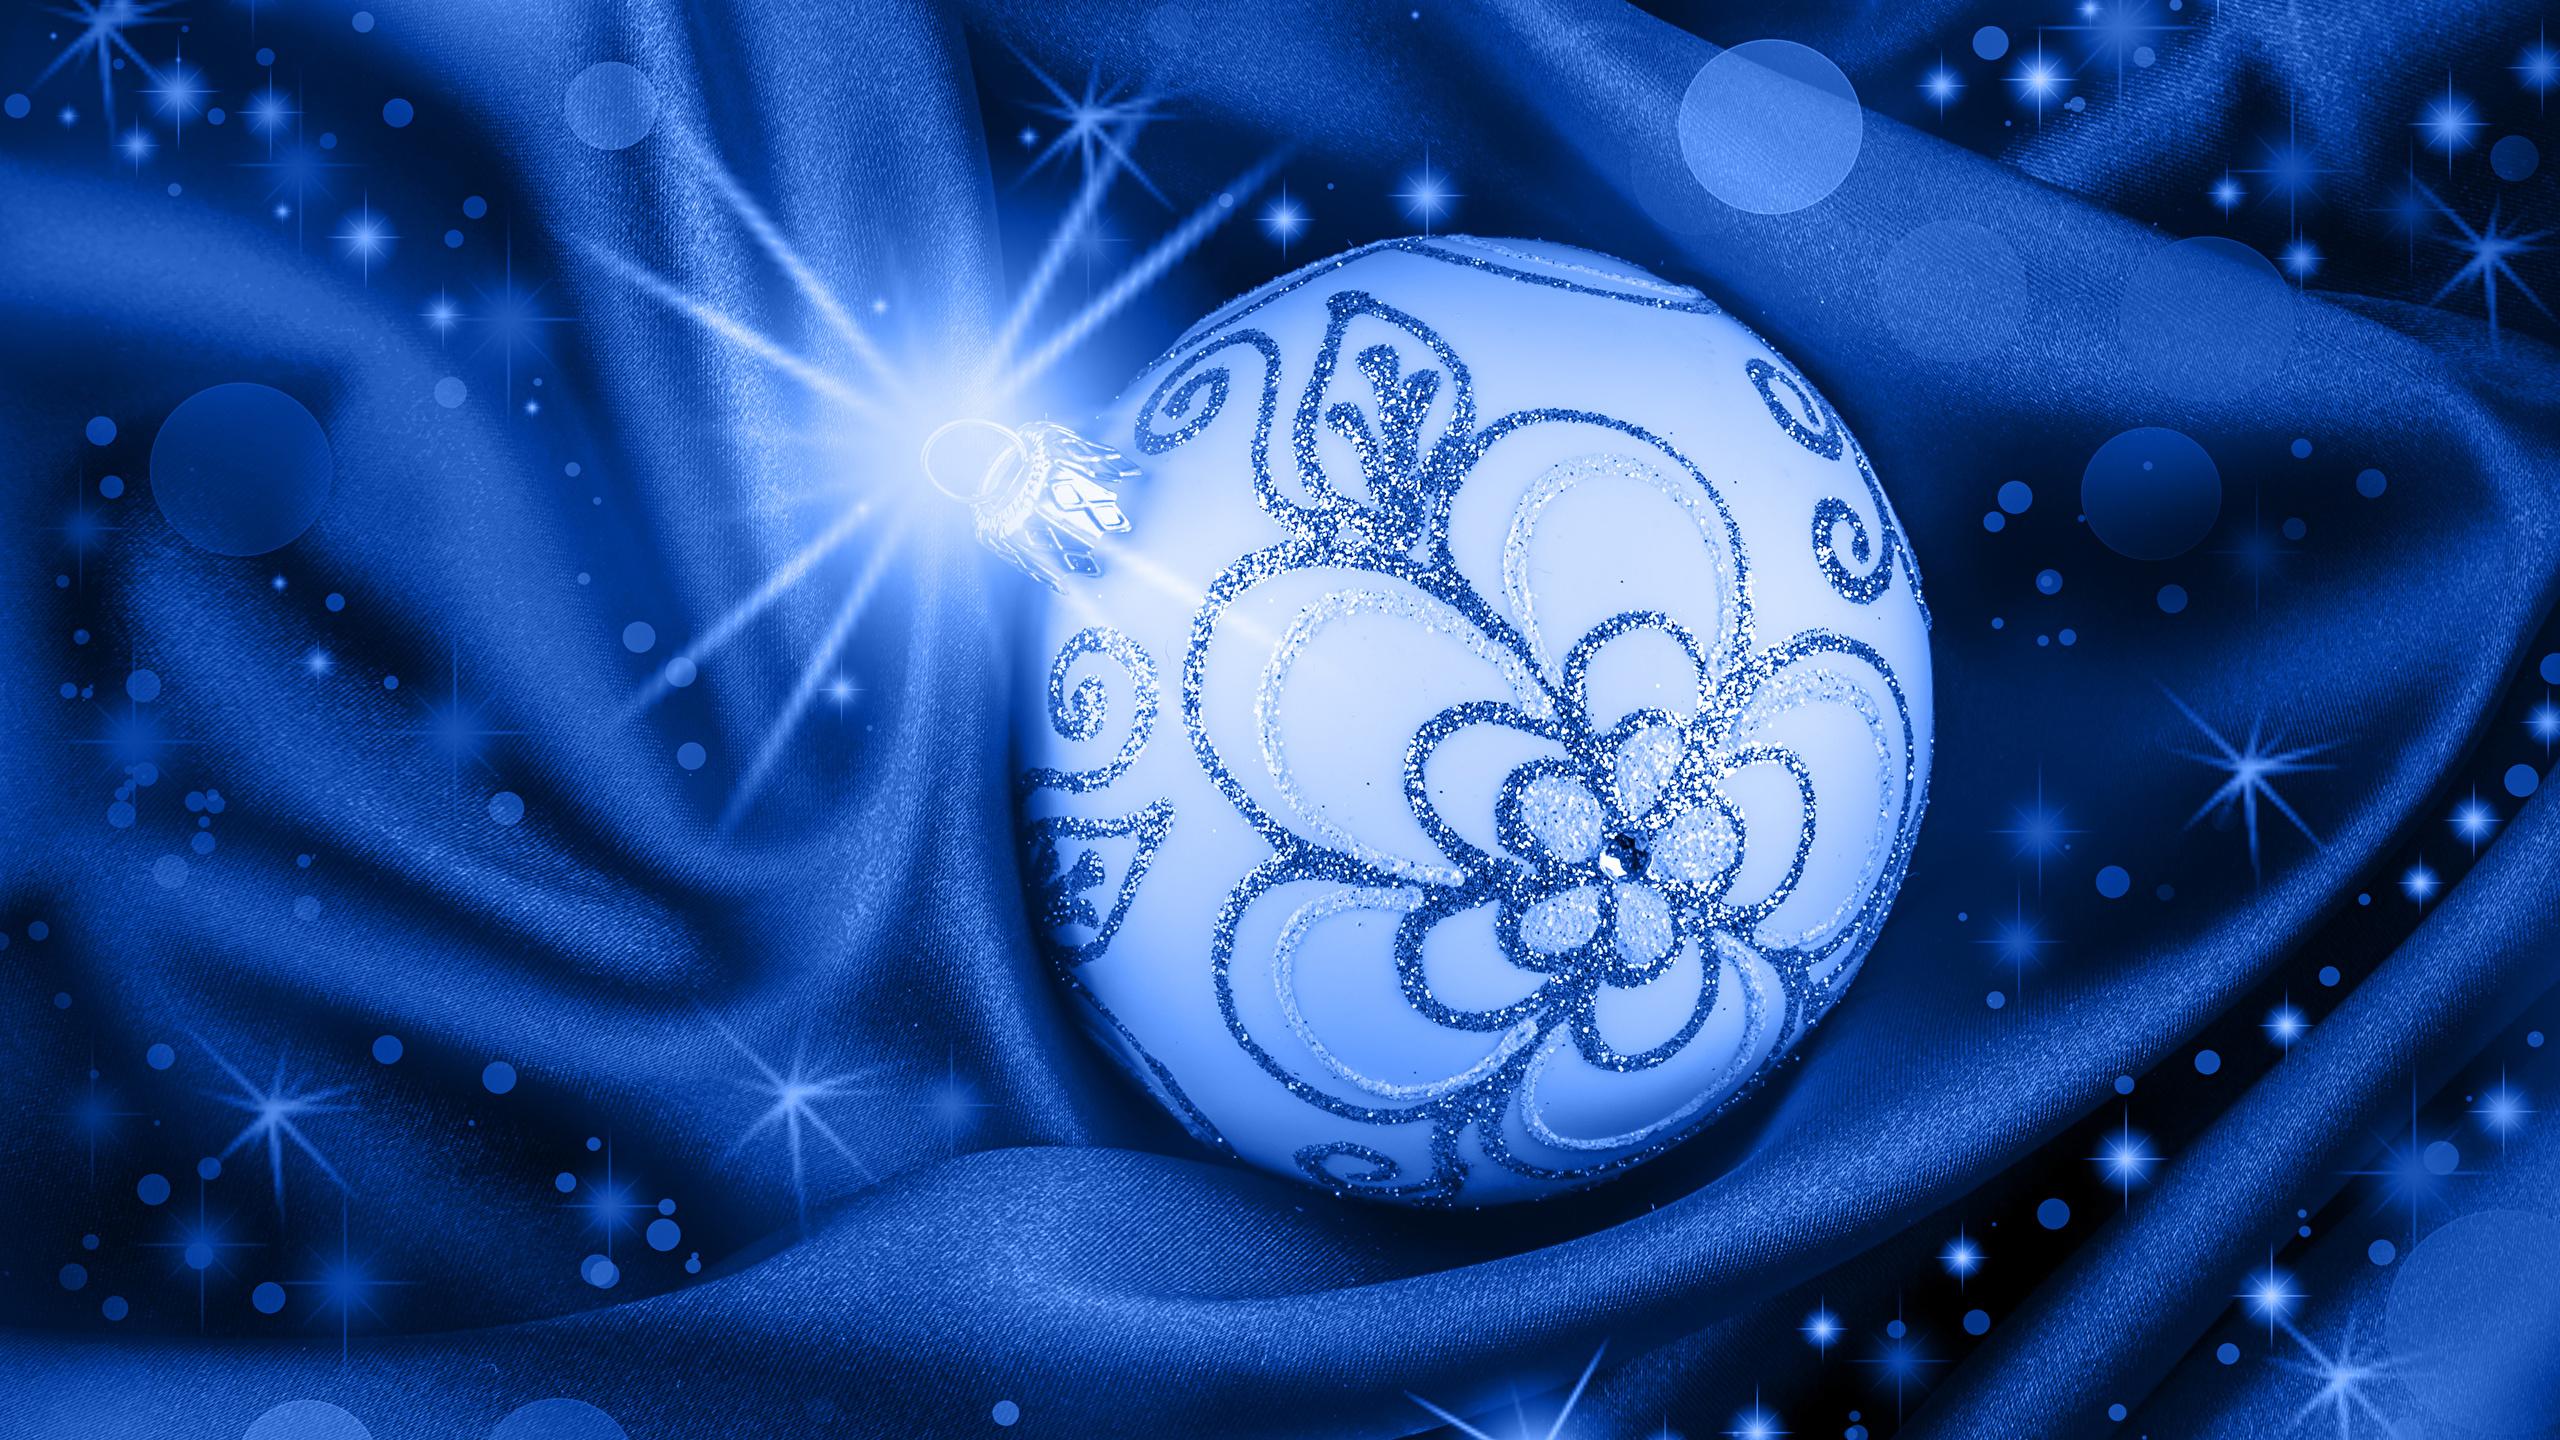 Fonds Decran 2560x1440 Nouvel An Boules Rayons De Lumière